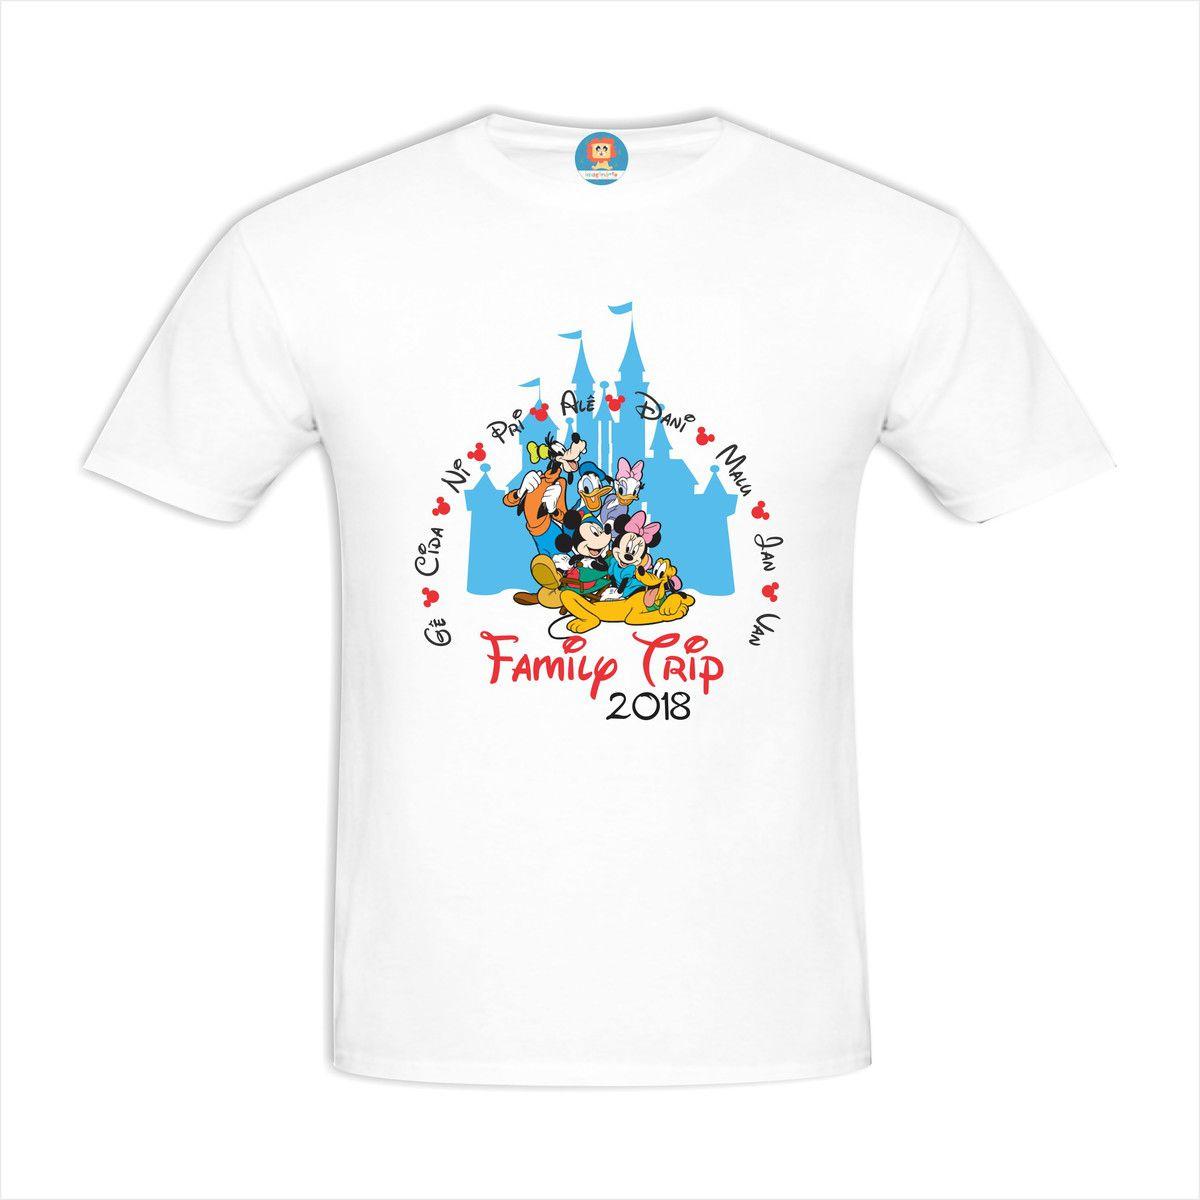 Camiseta Personalizada Family Trip Disney com Nomes